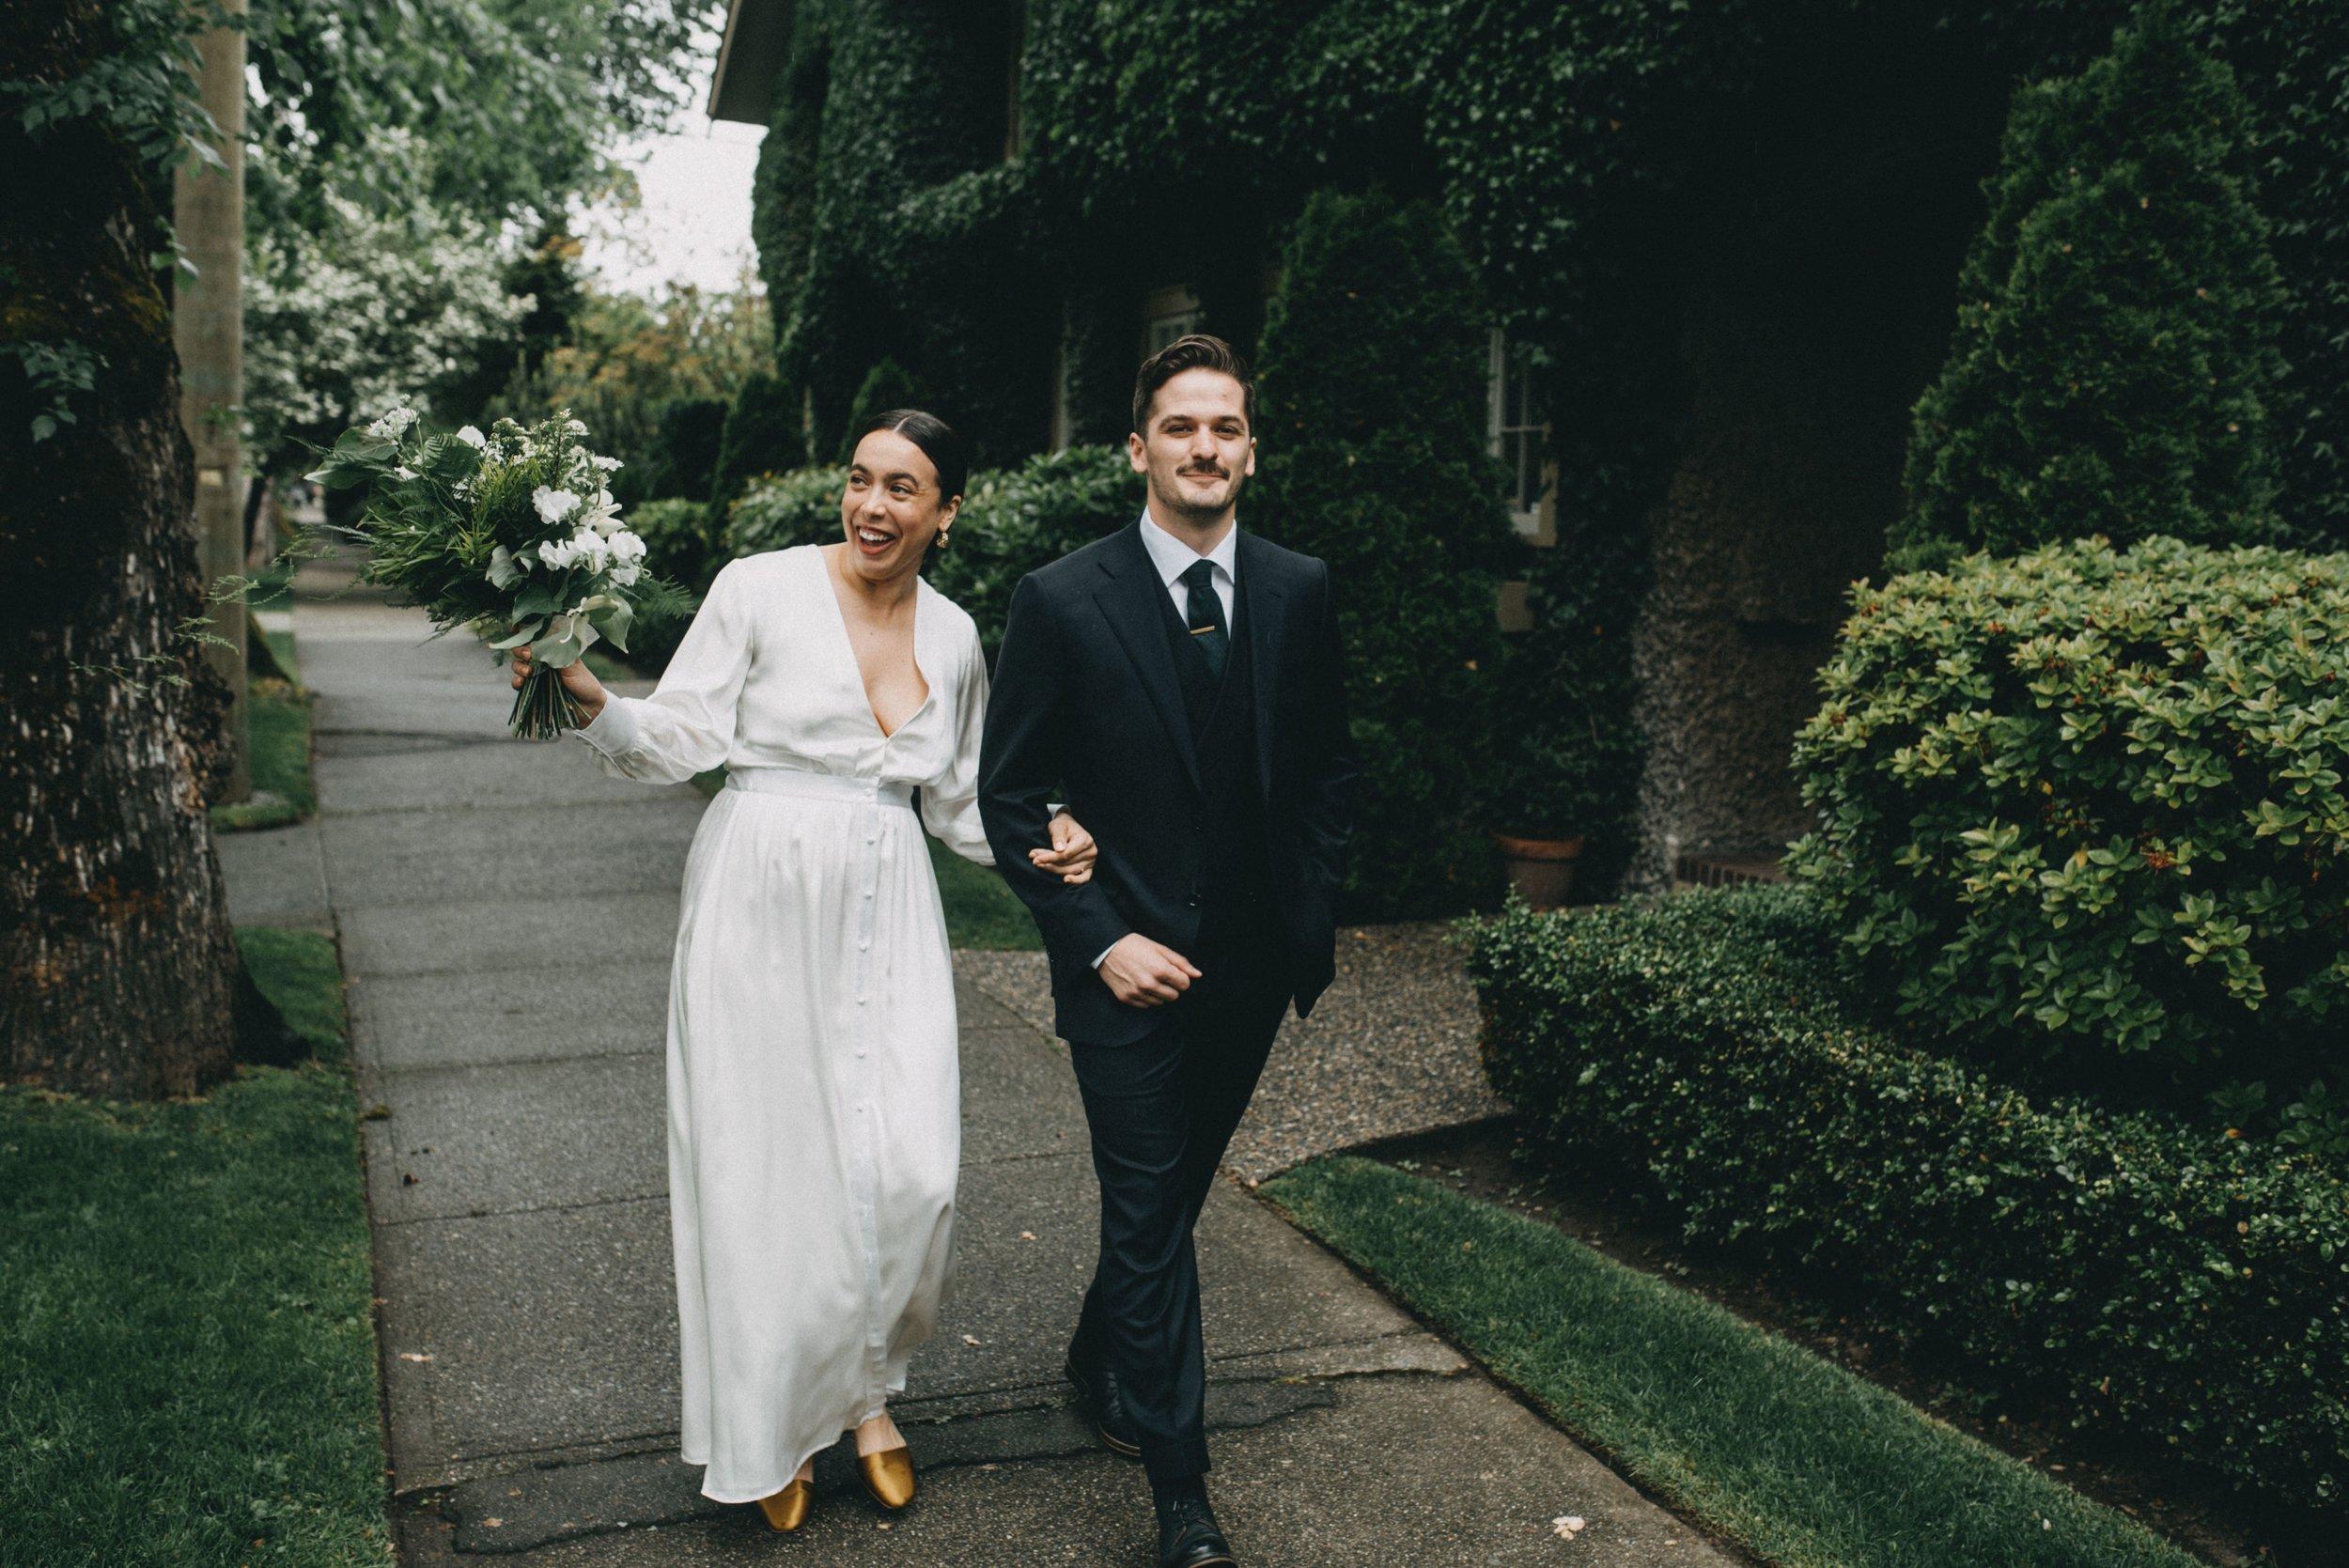 Devan & Joanna Wedding 2019|  JaymeLang-181.jpg